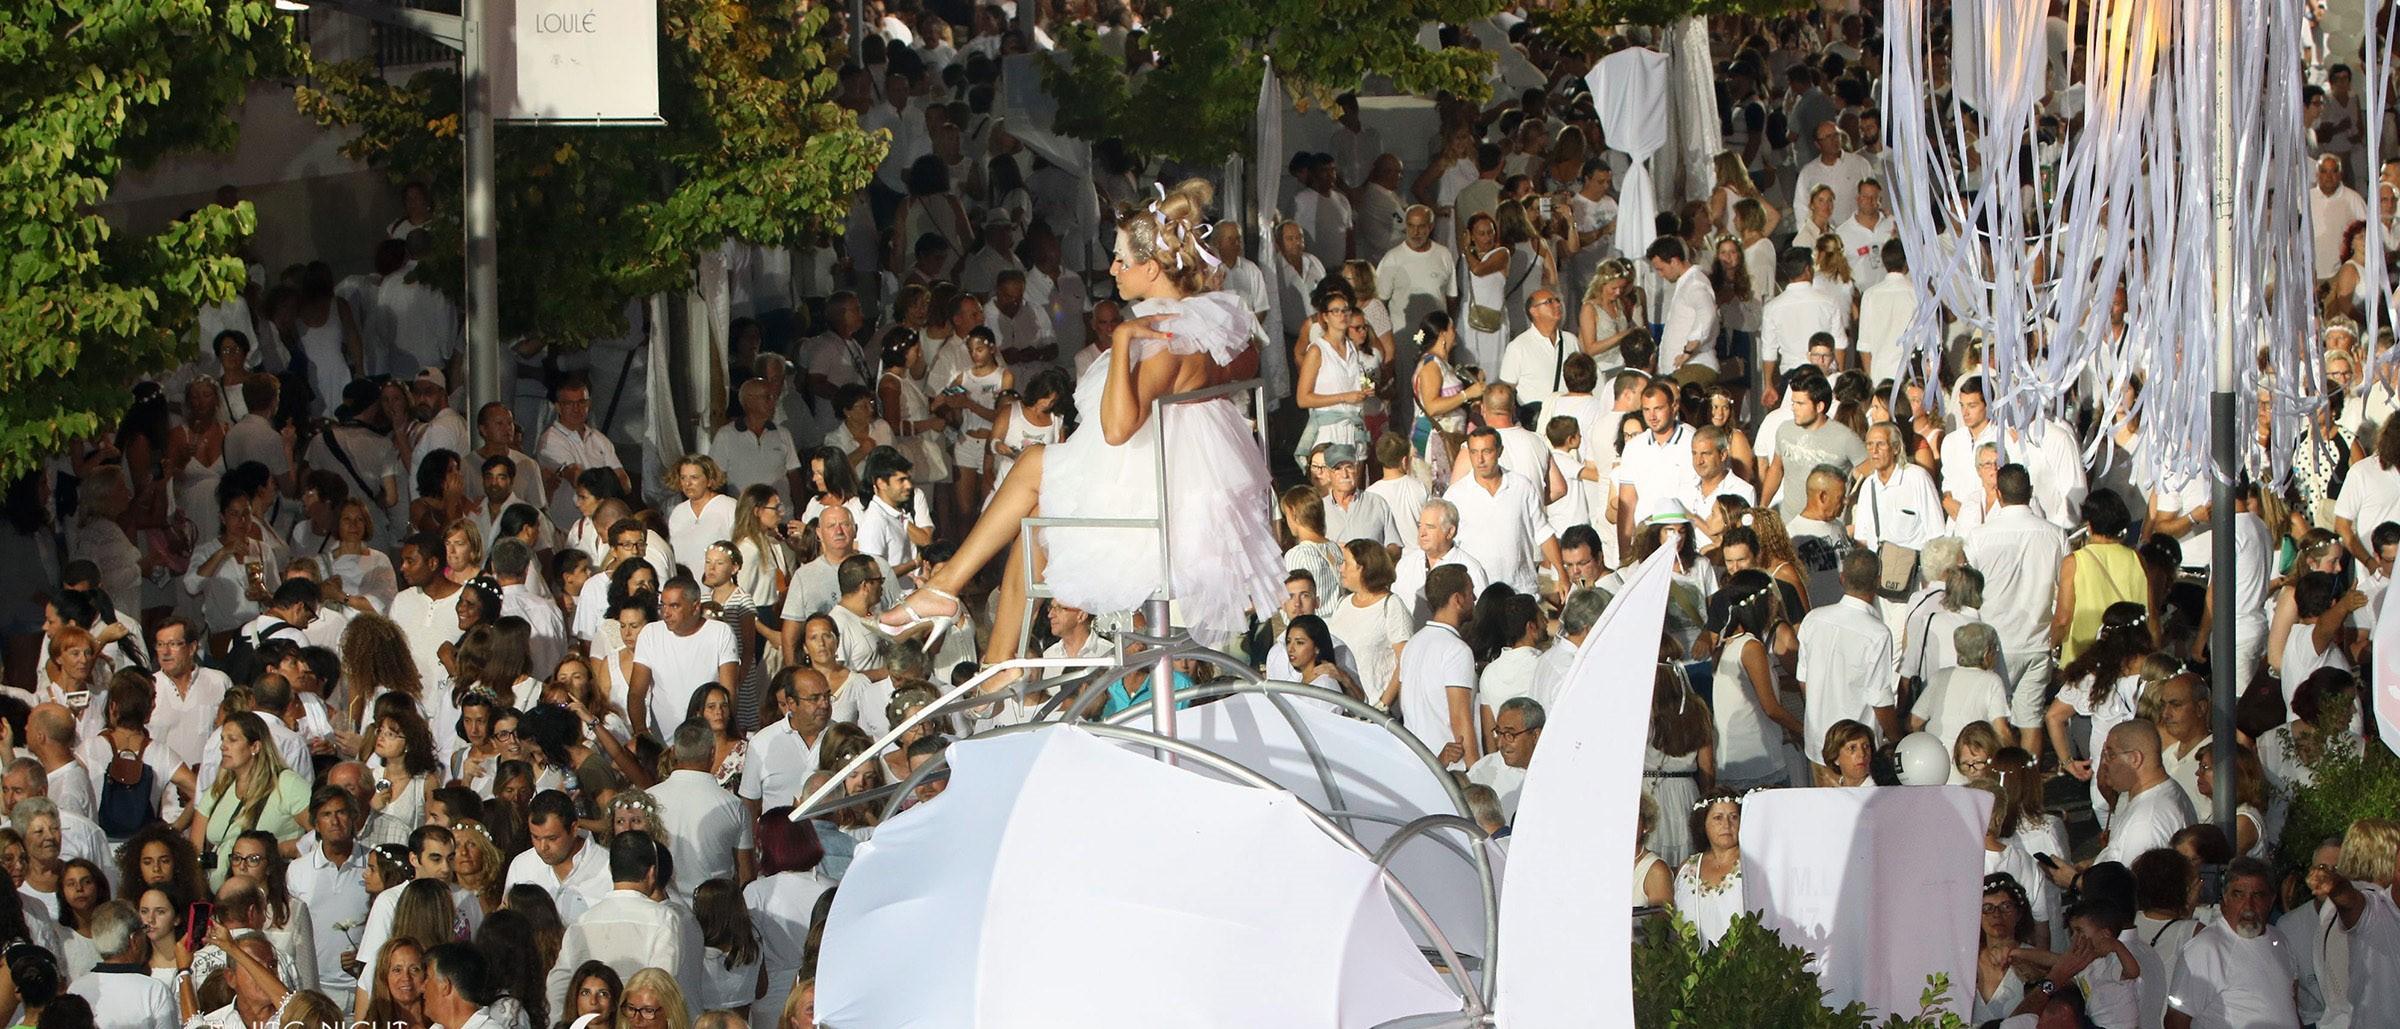 Noite Branca atrai cerca de 80.000 a Loulé – Algarve Vivo